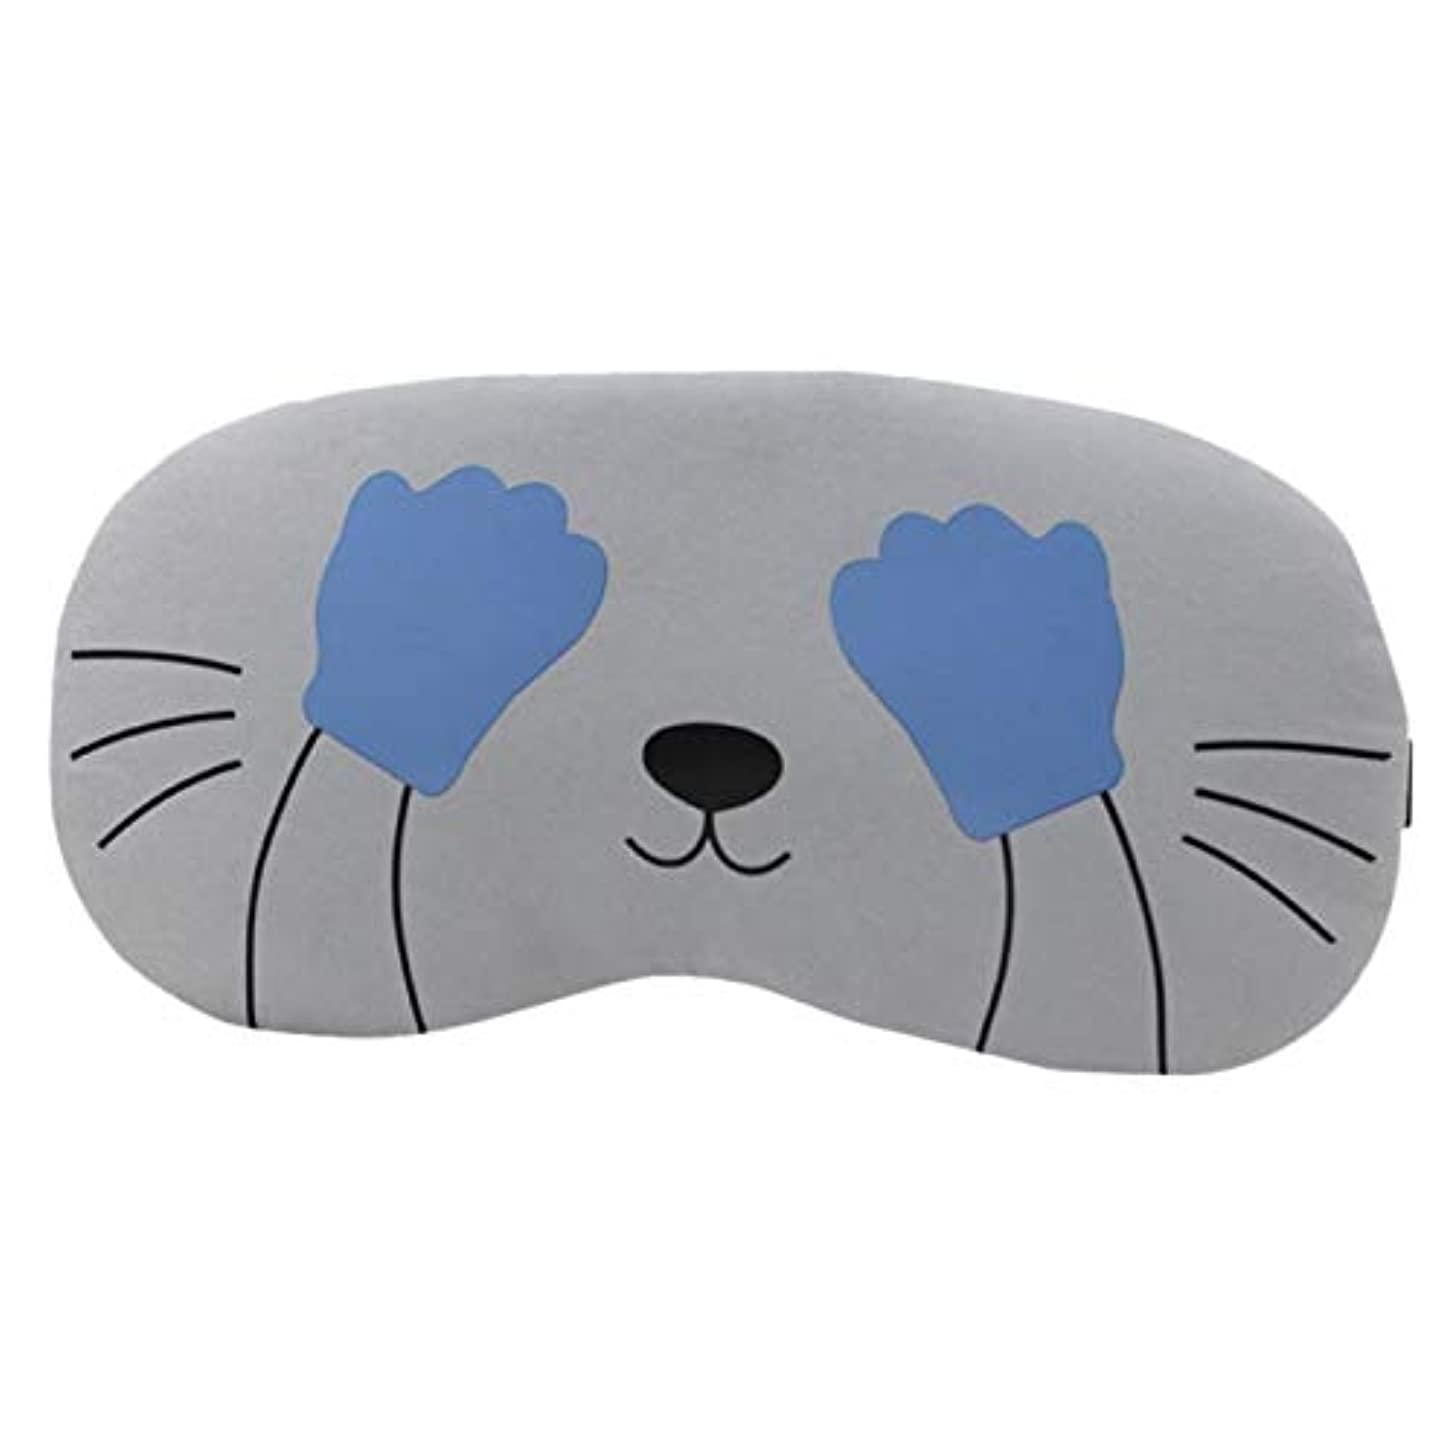 果てしない微視的抜け目のないNOTE Cutesleepingアイマスク漫画猫ソフトトラベルアイシェードカバー残りリラックス睡眠目隠しドロップシッピング2U0817